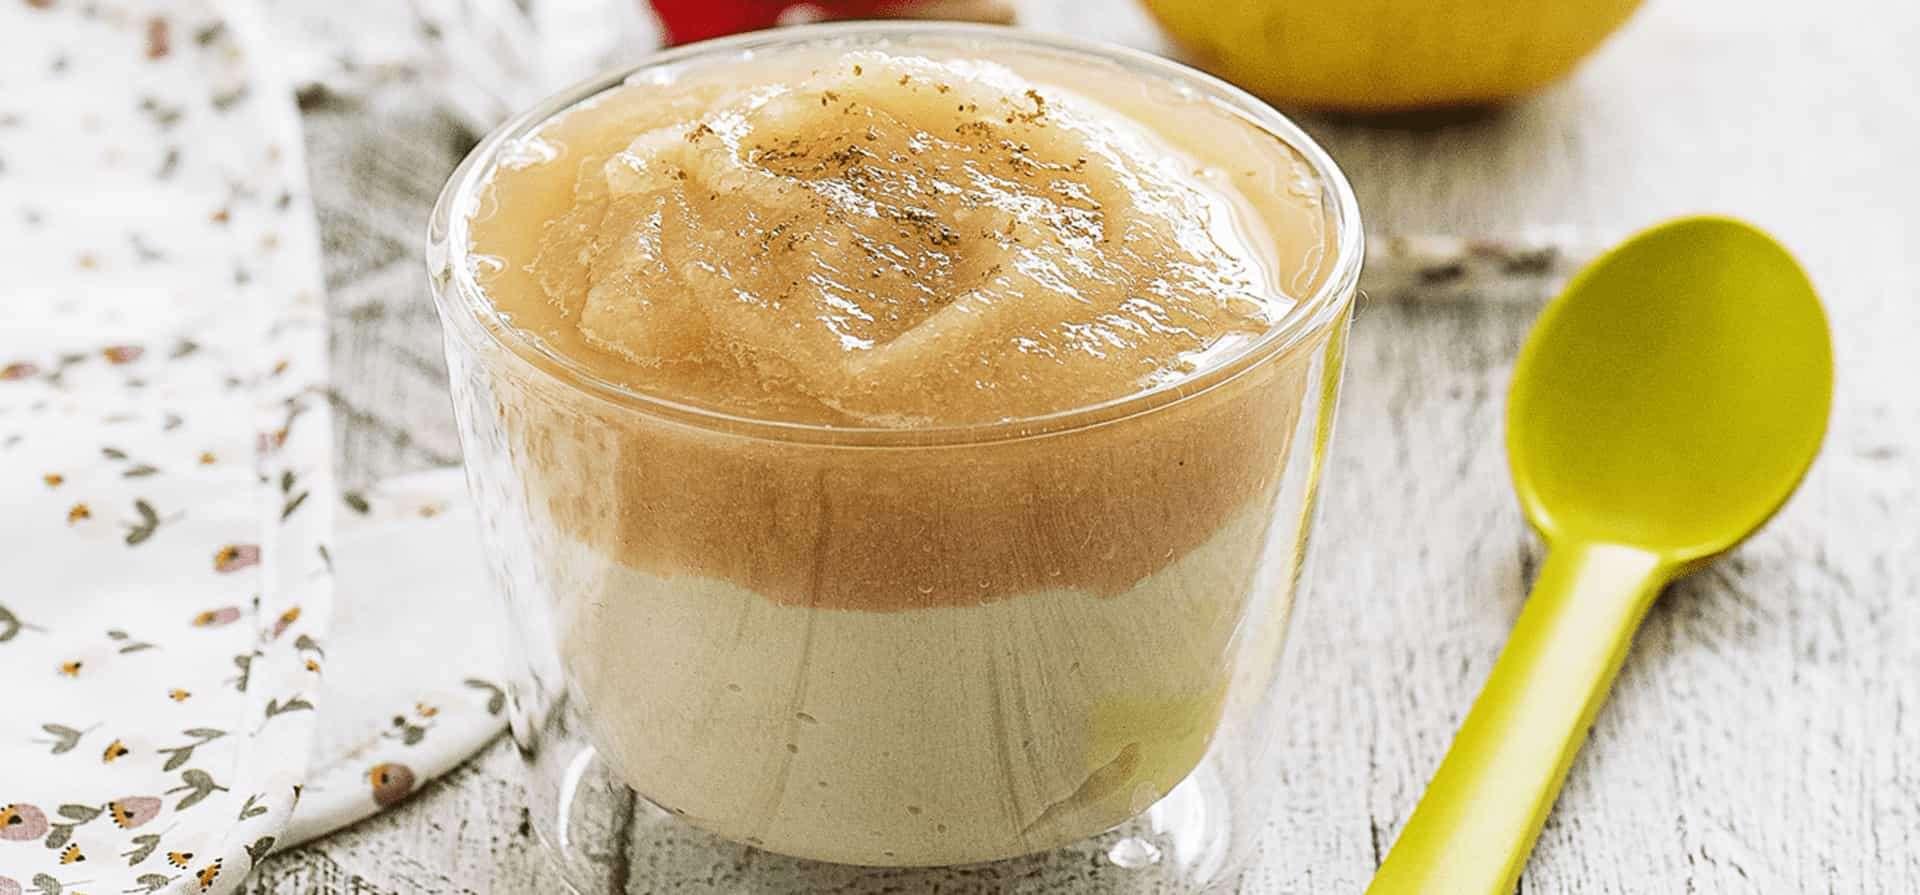 Recipe Pear-quinoa verrine